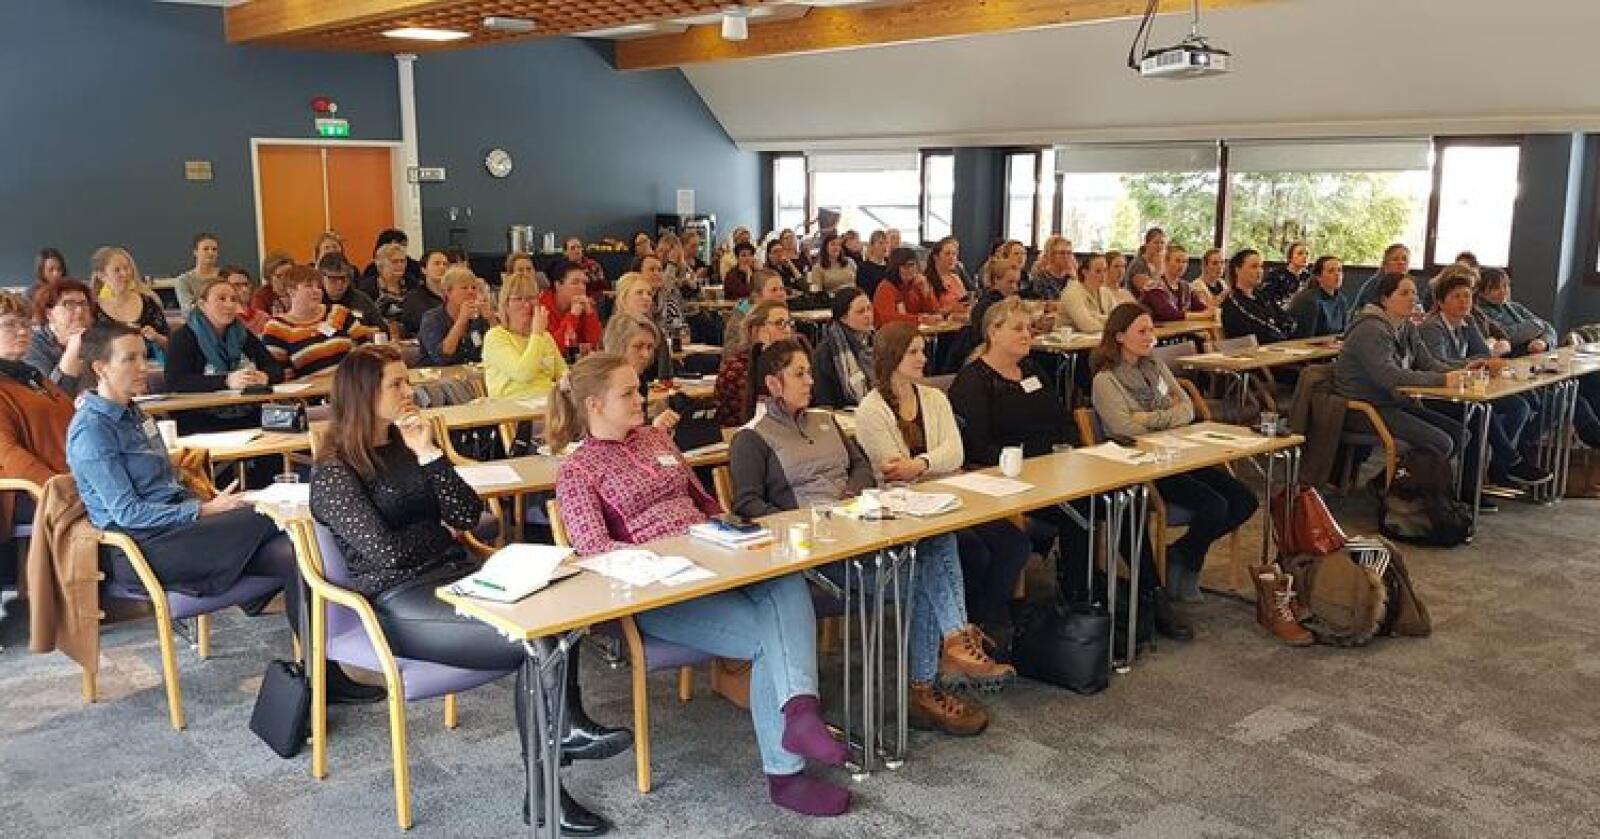 76 damer var samlet på Bø hotell for å lære mer om ammekuproduksjon i helga. Foto: Brit-Ellen Bøhn.